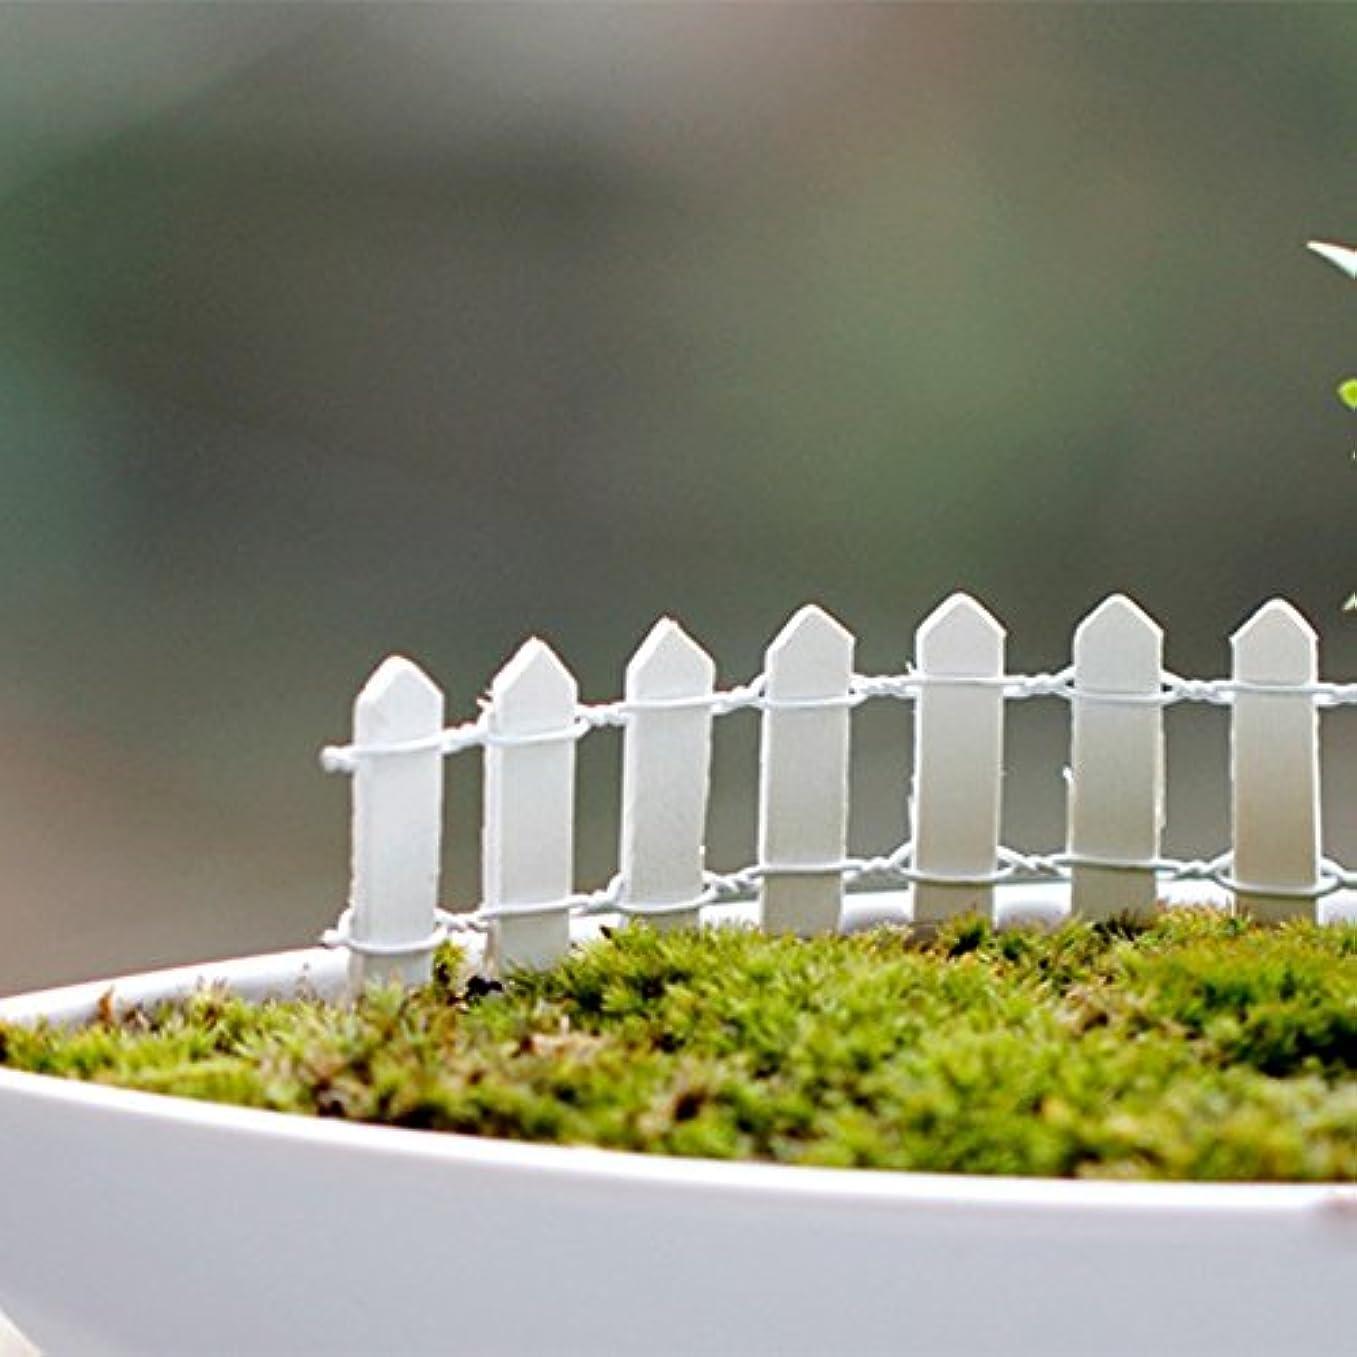 ギャングスター面積なぜならJicorzo - 20個DIY木製の小さなフェンスモステラリウム植木鉢工芸ミニおもちゃフェアリーガーデンミニチュア[ホワイト]